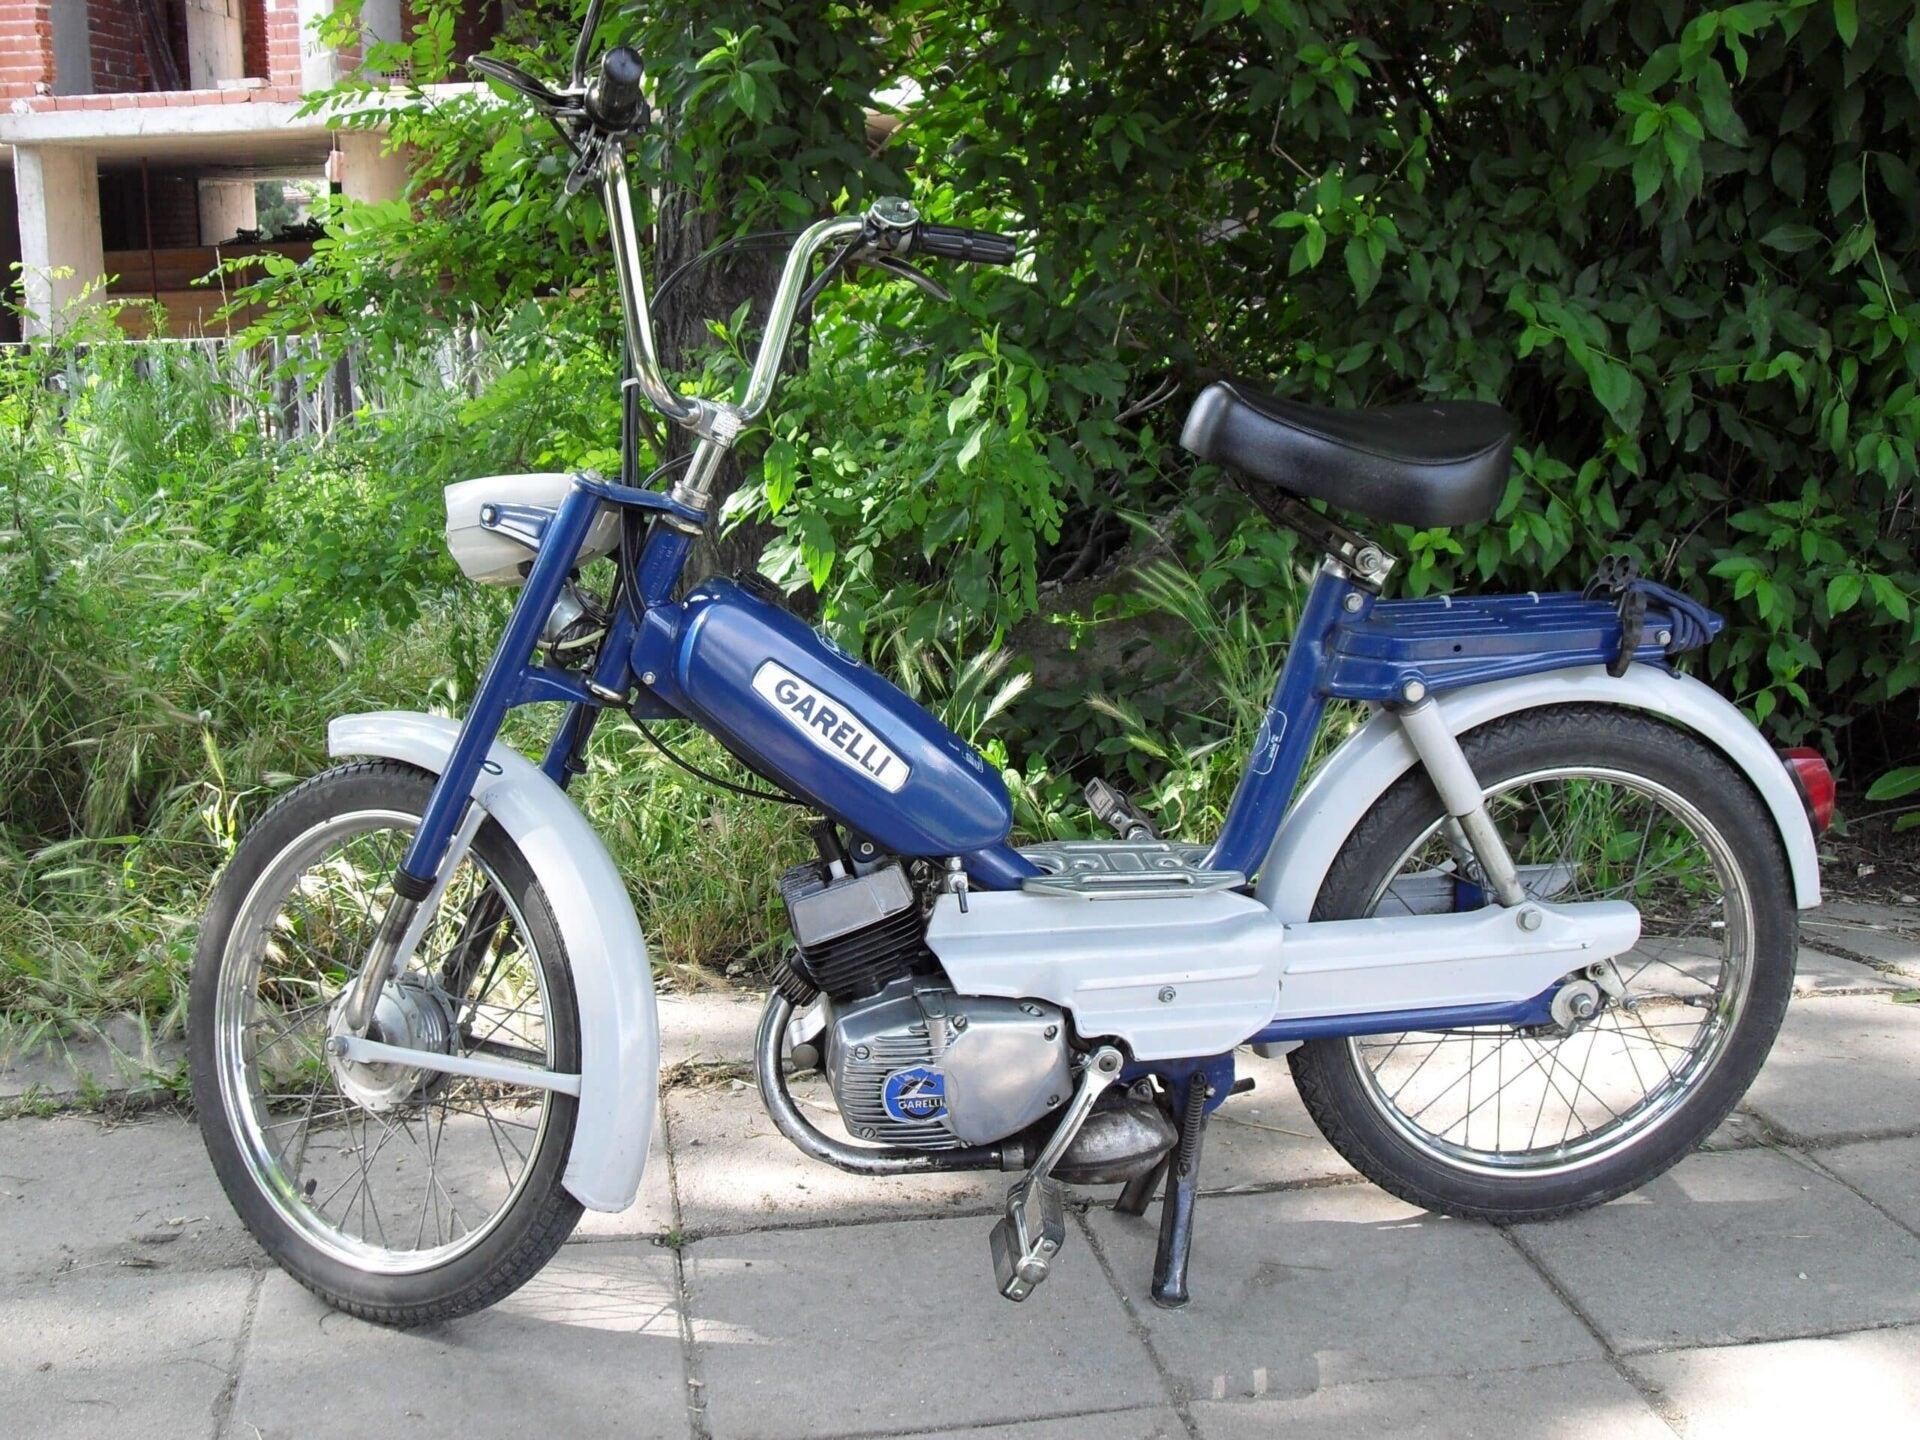 Garelli Gulp Flex ciclomotore moped